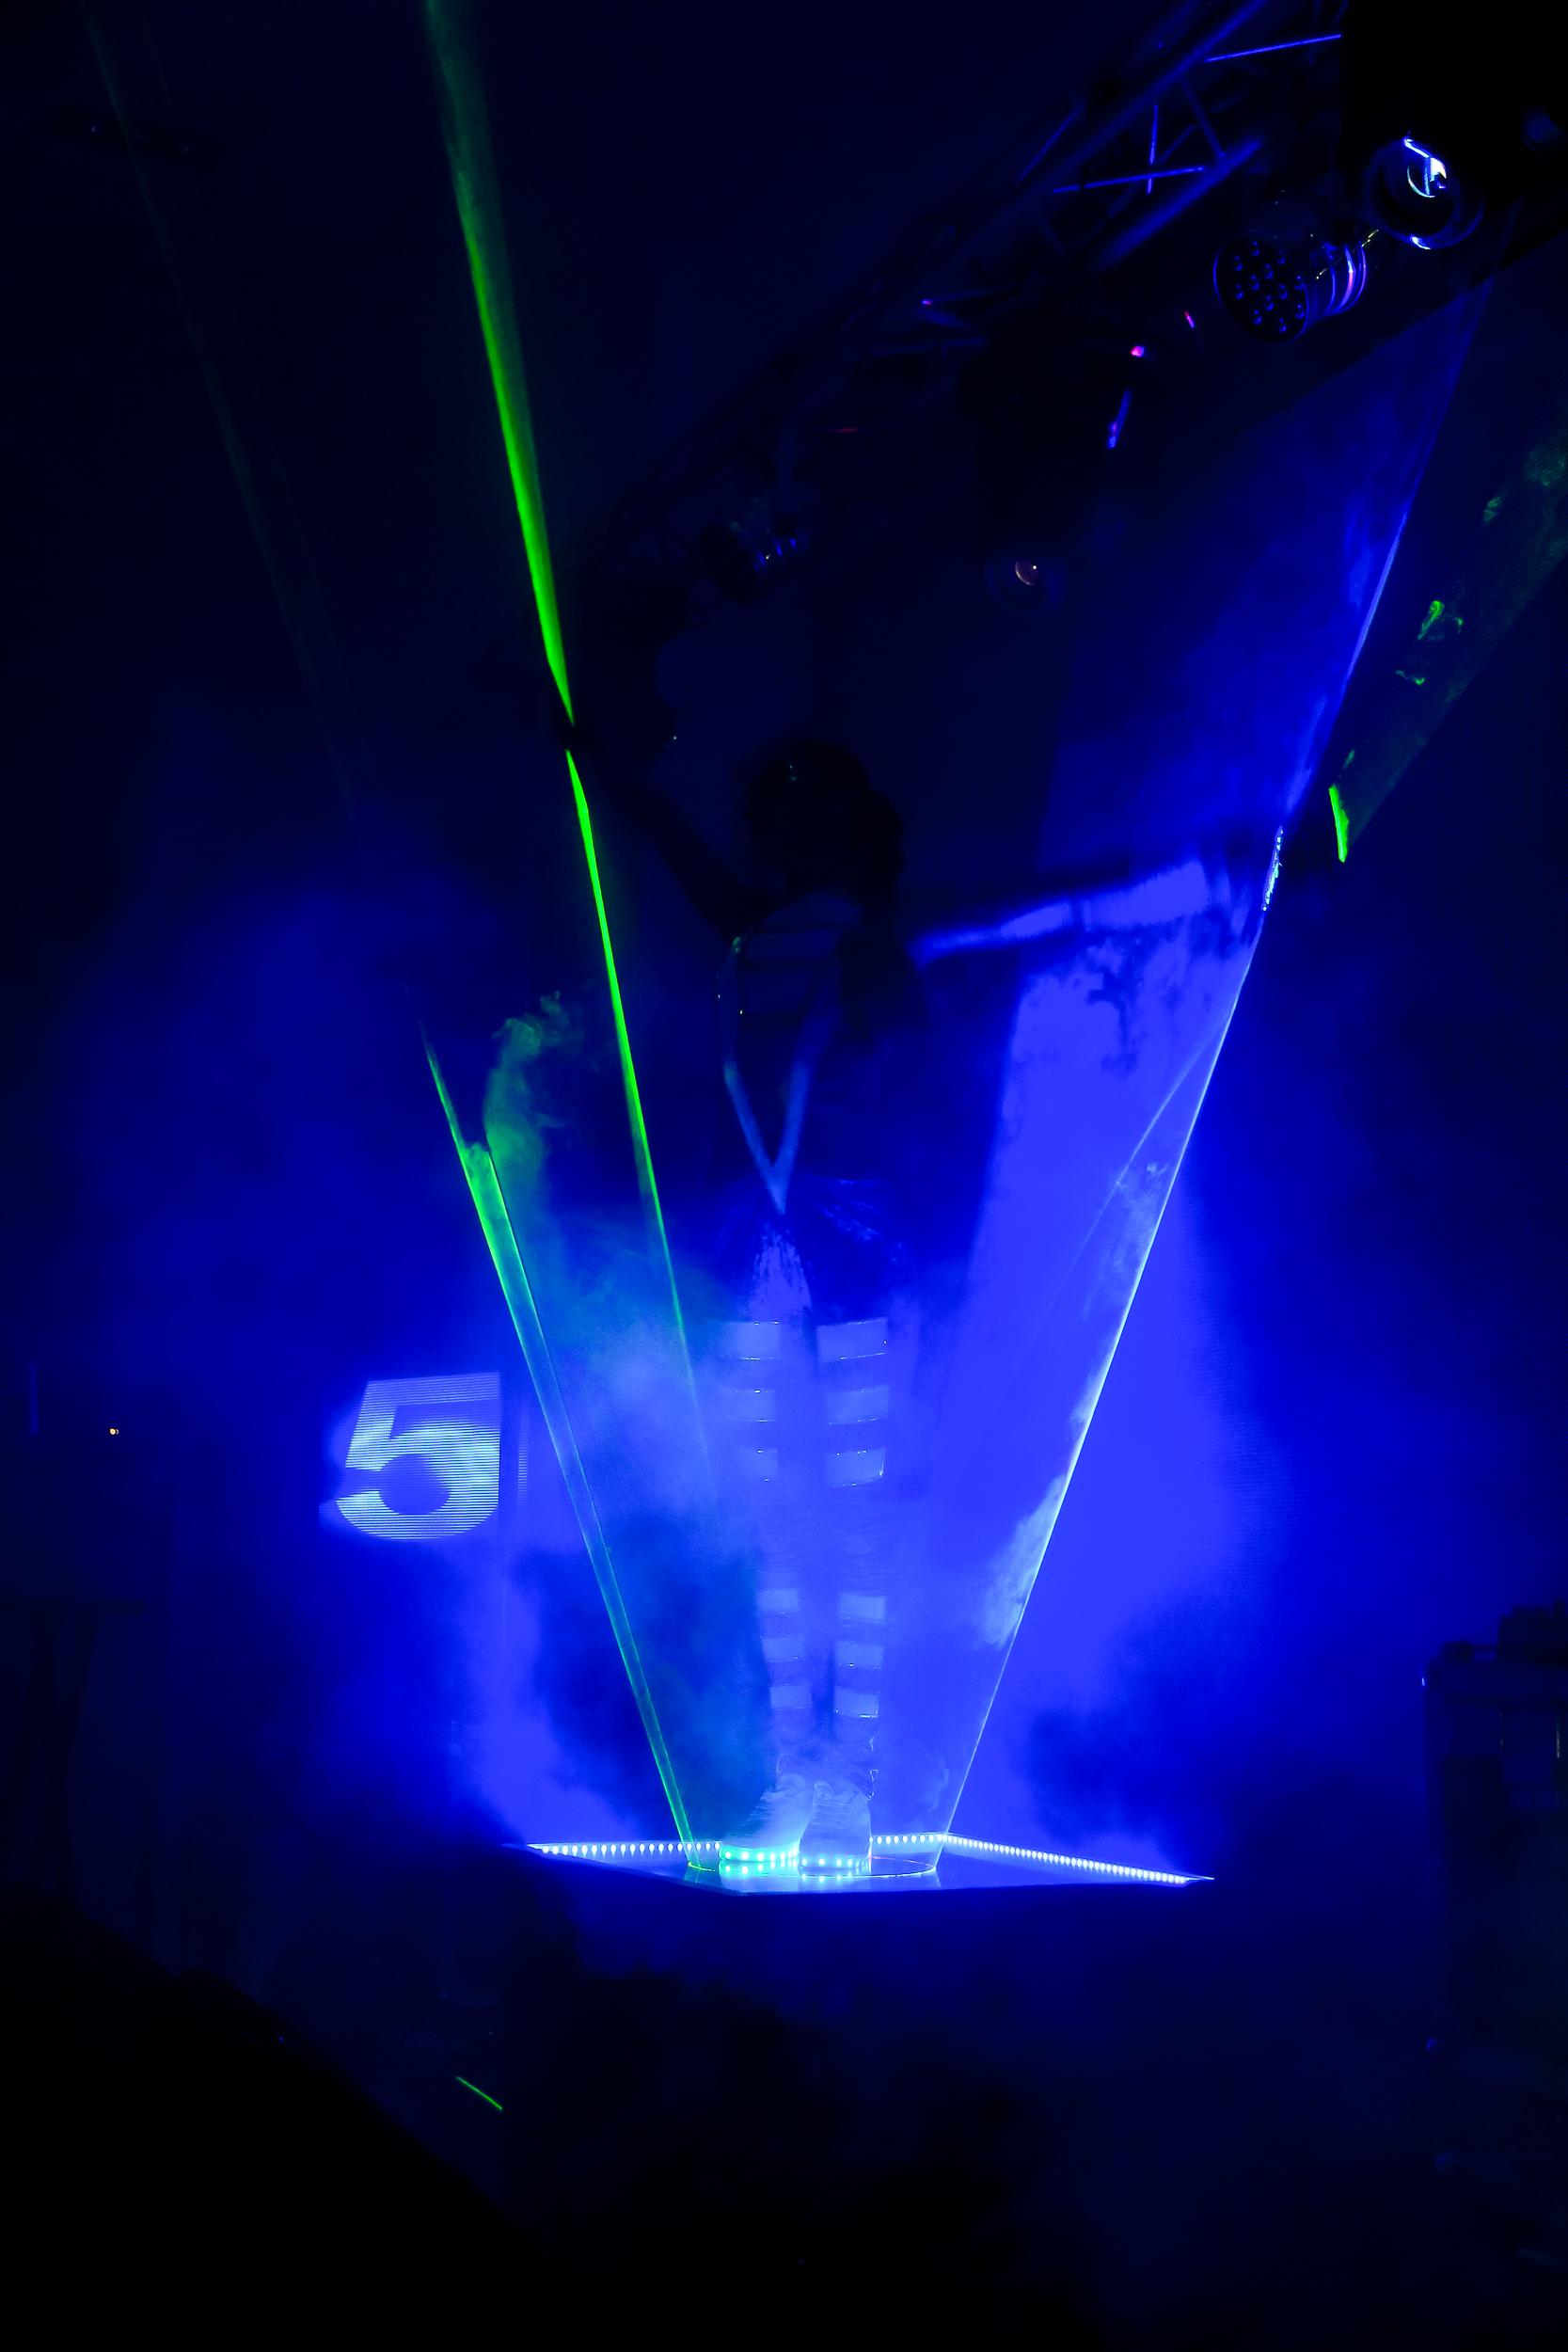 Выступление танцовщицы под лазерное шоу на презентации BMW Николаев